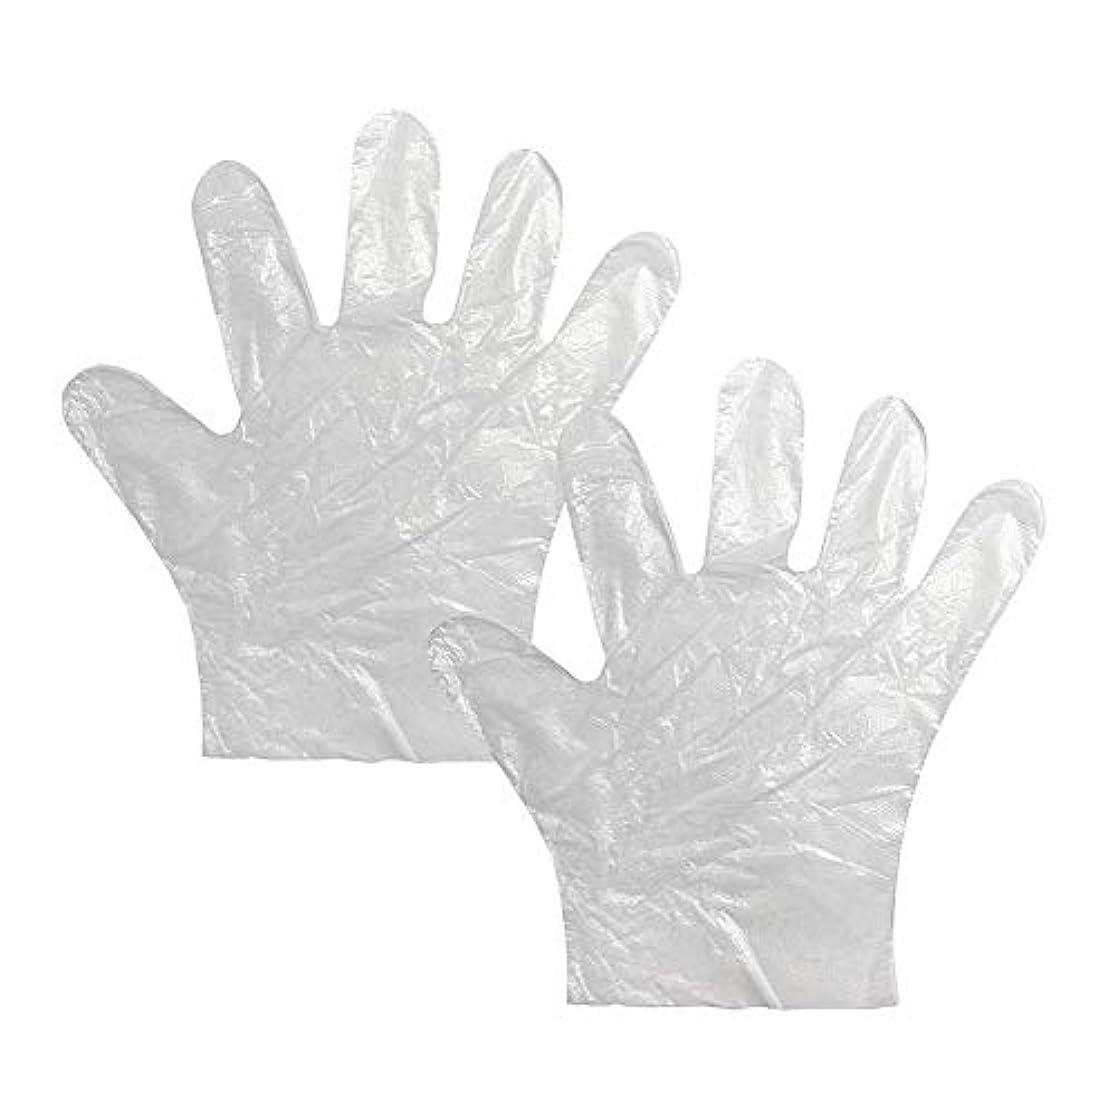 予測病院フィクション使い捨て手袋 極薄ビニール手袋 ポリエチレン 透明 実用 衛生 100枚*2セット